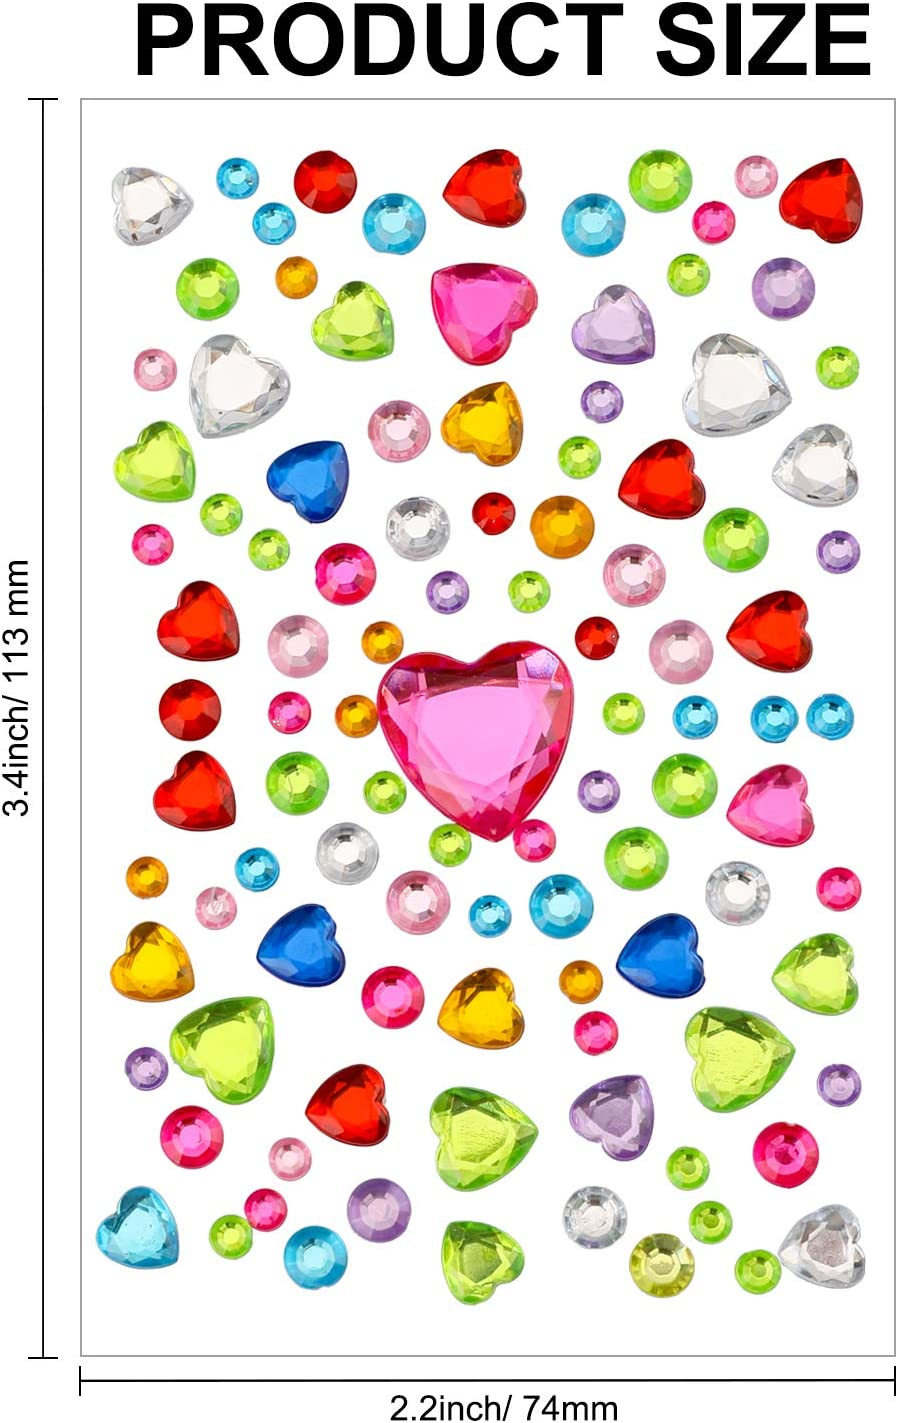 pi/èces Autocollants de Strass Autocollants de gemme Auto-adh/ésifs Bijoux Autocollants Autocollants de Diamant de Coeur de Paillettes pour Sacs de Cadeau de Carte de Valentine Qpout 900